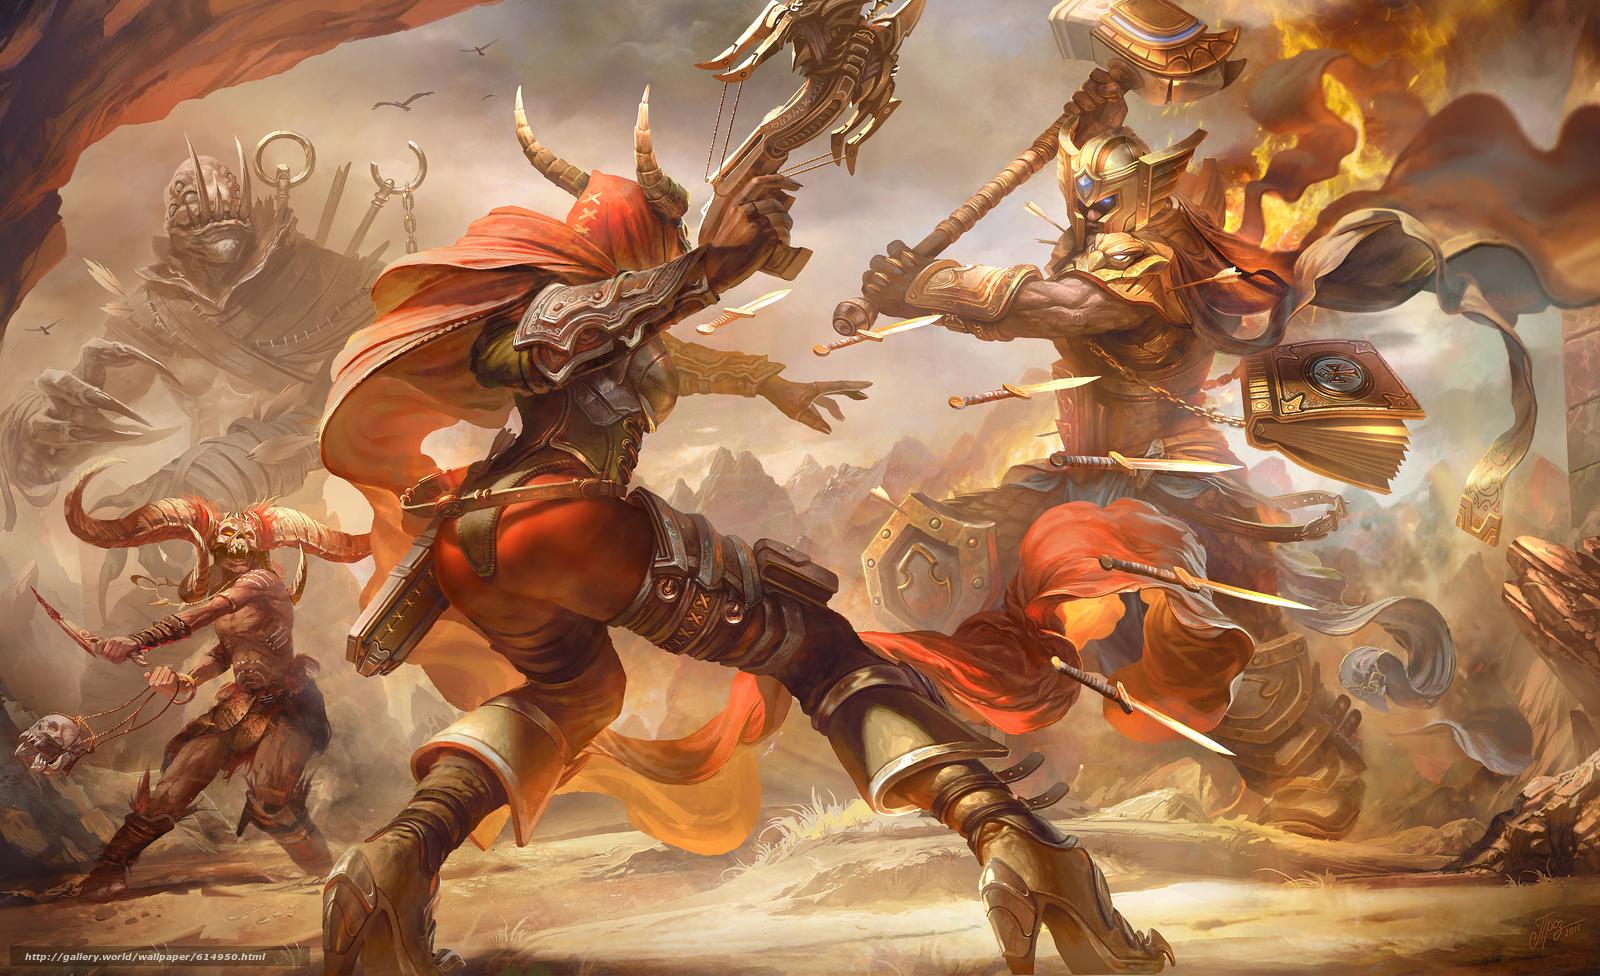 Descargar gratis Héroes de la tormenta,  Valla,  Demon Hunter,  Uther Fondos de escritorio en la resolucin 4243x2587 — imagen №614950